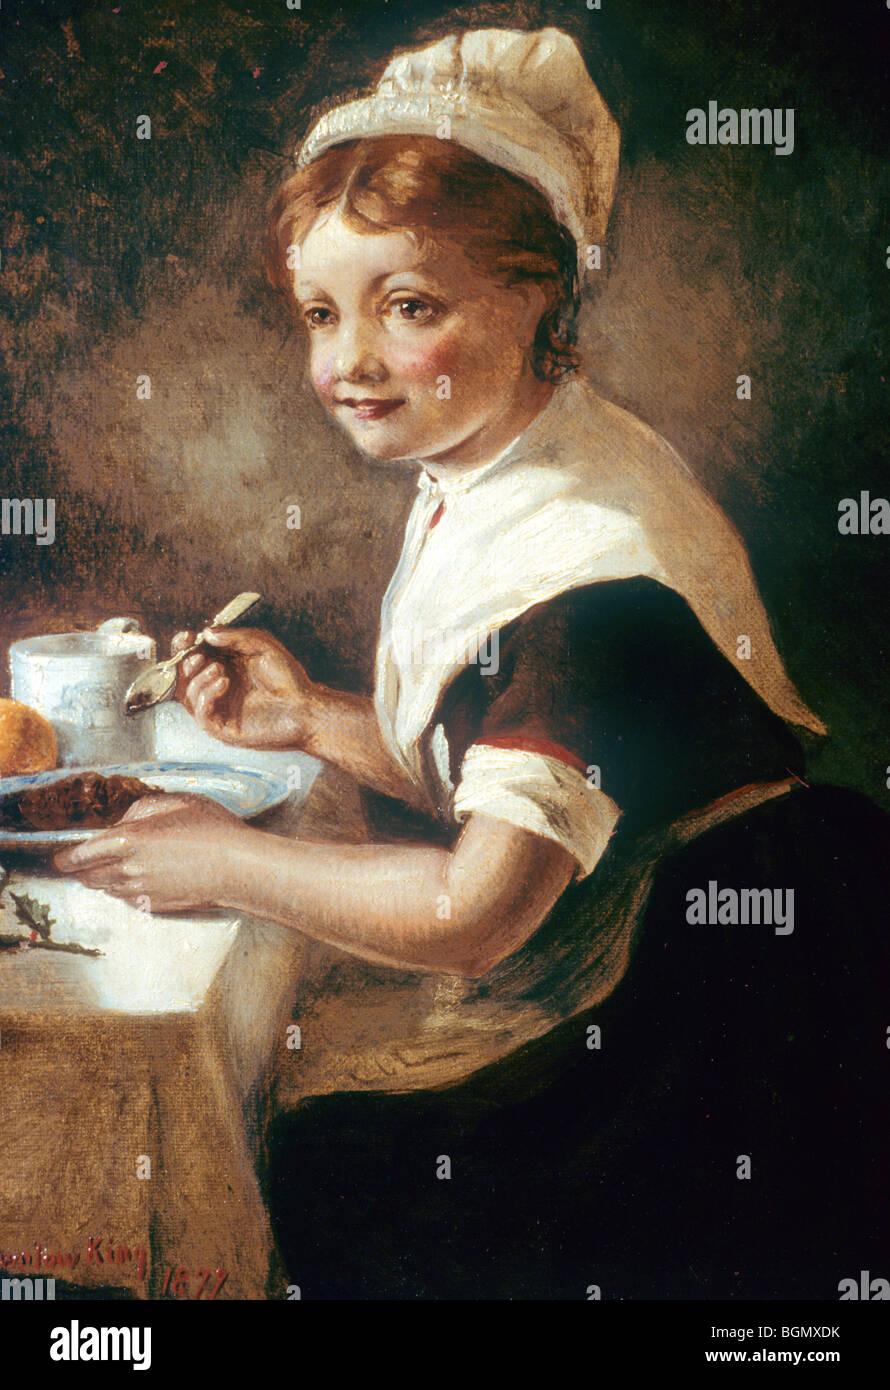 Fondation Thomas Coram, enfant trouvé en uniforme au dîner de Noël portrait peinture victorienne Photo Stock